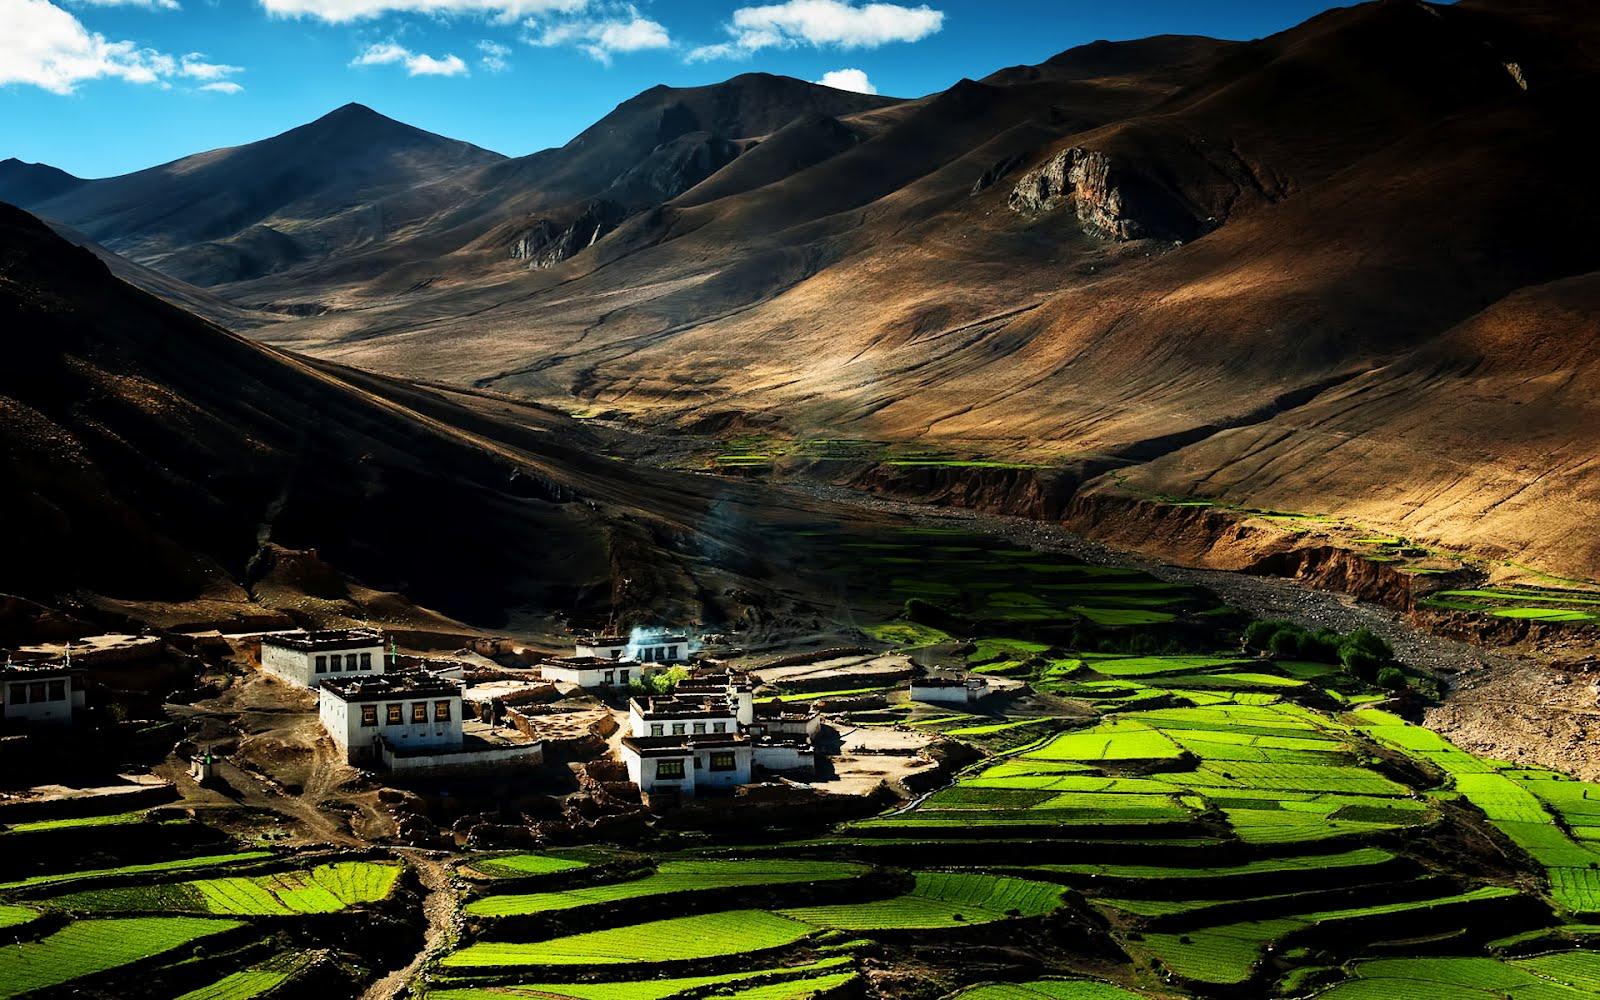 Paisaje entre las montañas (lugares para vivir en paz)